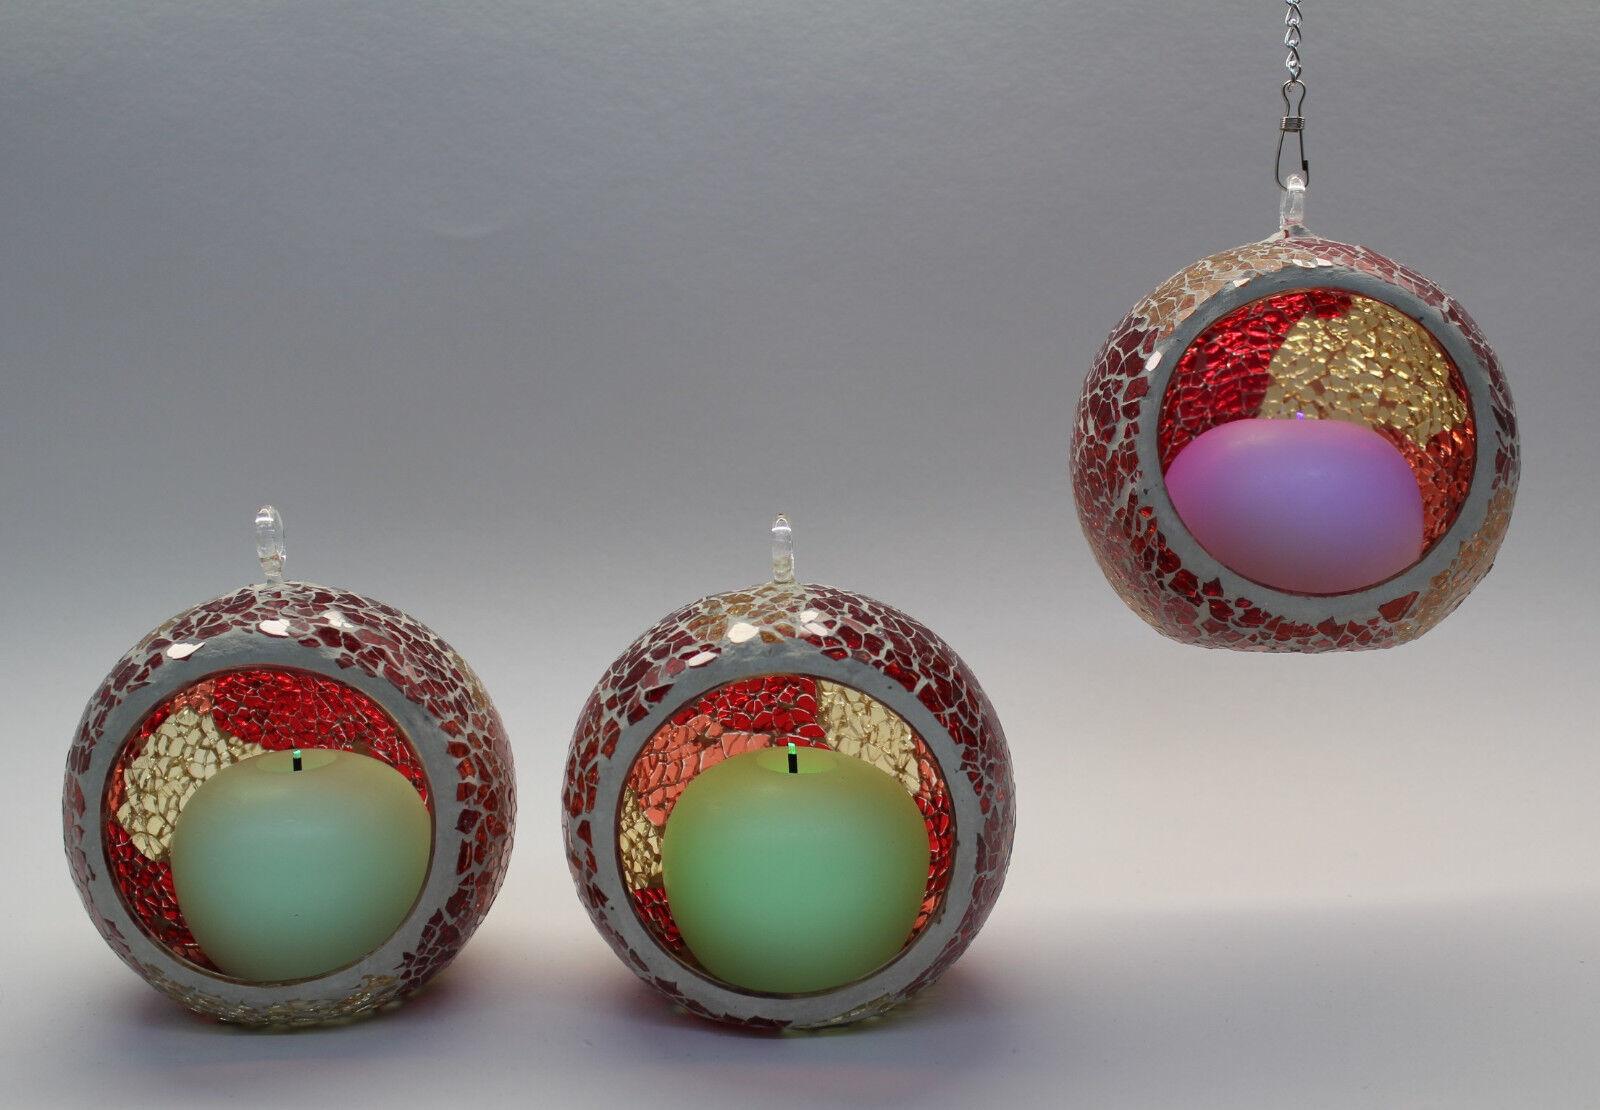 ELAMBIA Flammenlose Minikugelkerzen mit Mosaikkugeln zum Aufhängen 6-tlg Rot FW | Niedriger Preis und gute Qualität